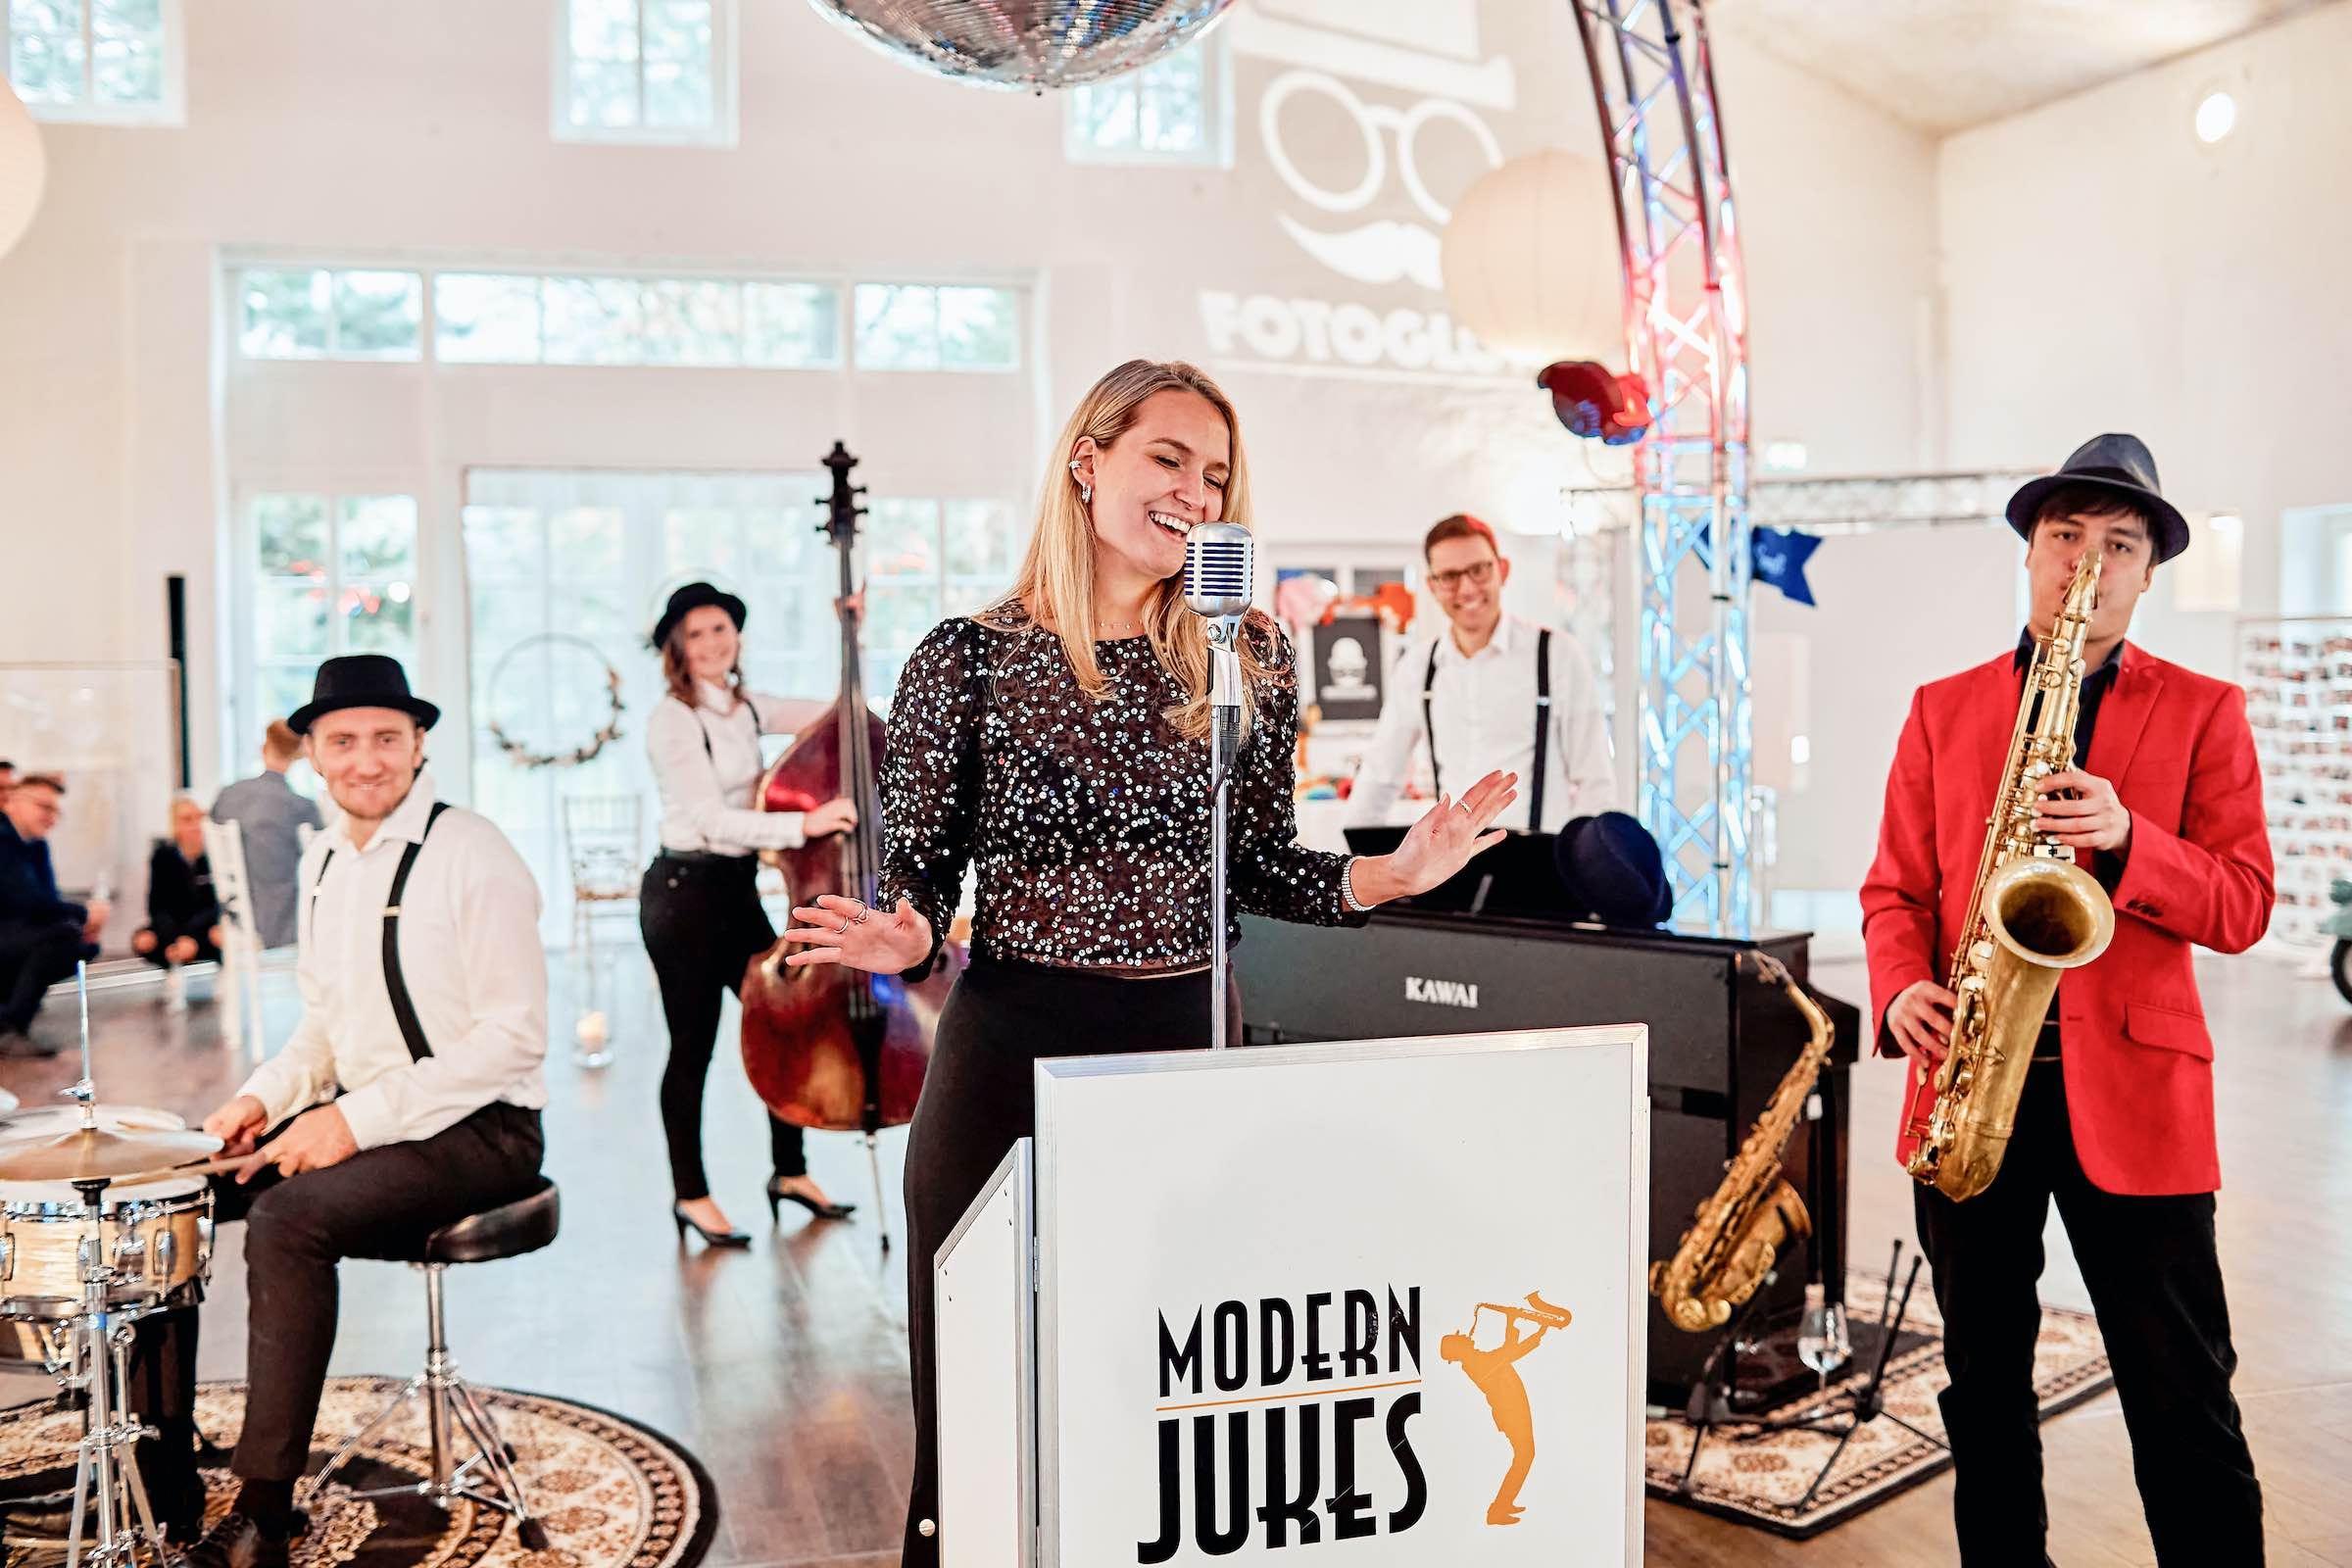 Partyband   Jazzband   Hannover   Buchen   Band   Empfang   Sektempfang   Popband   Partyband   Sektempfang   Party   Trauung   Dinner   Buchen   Mieten   Lehmann   Eventservice